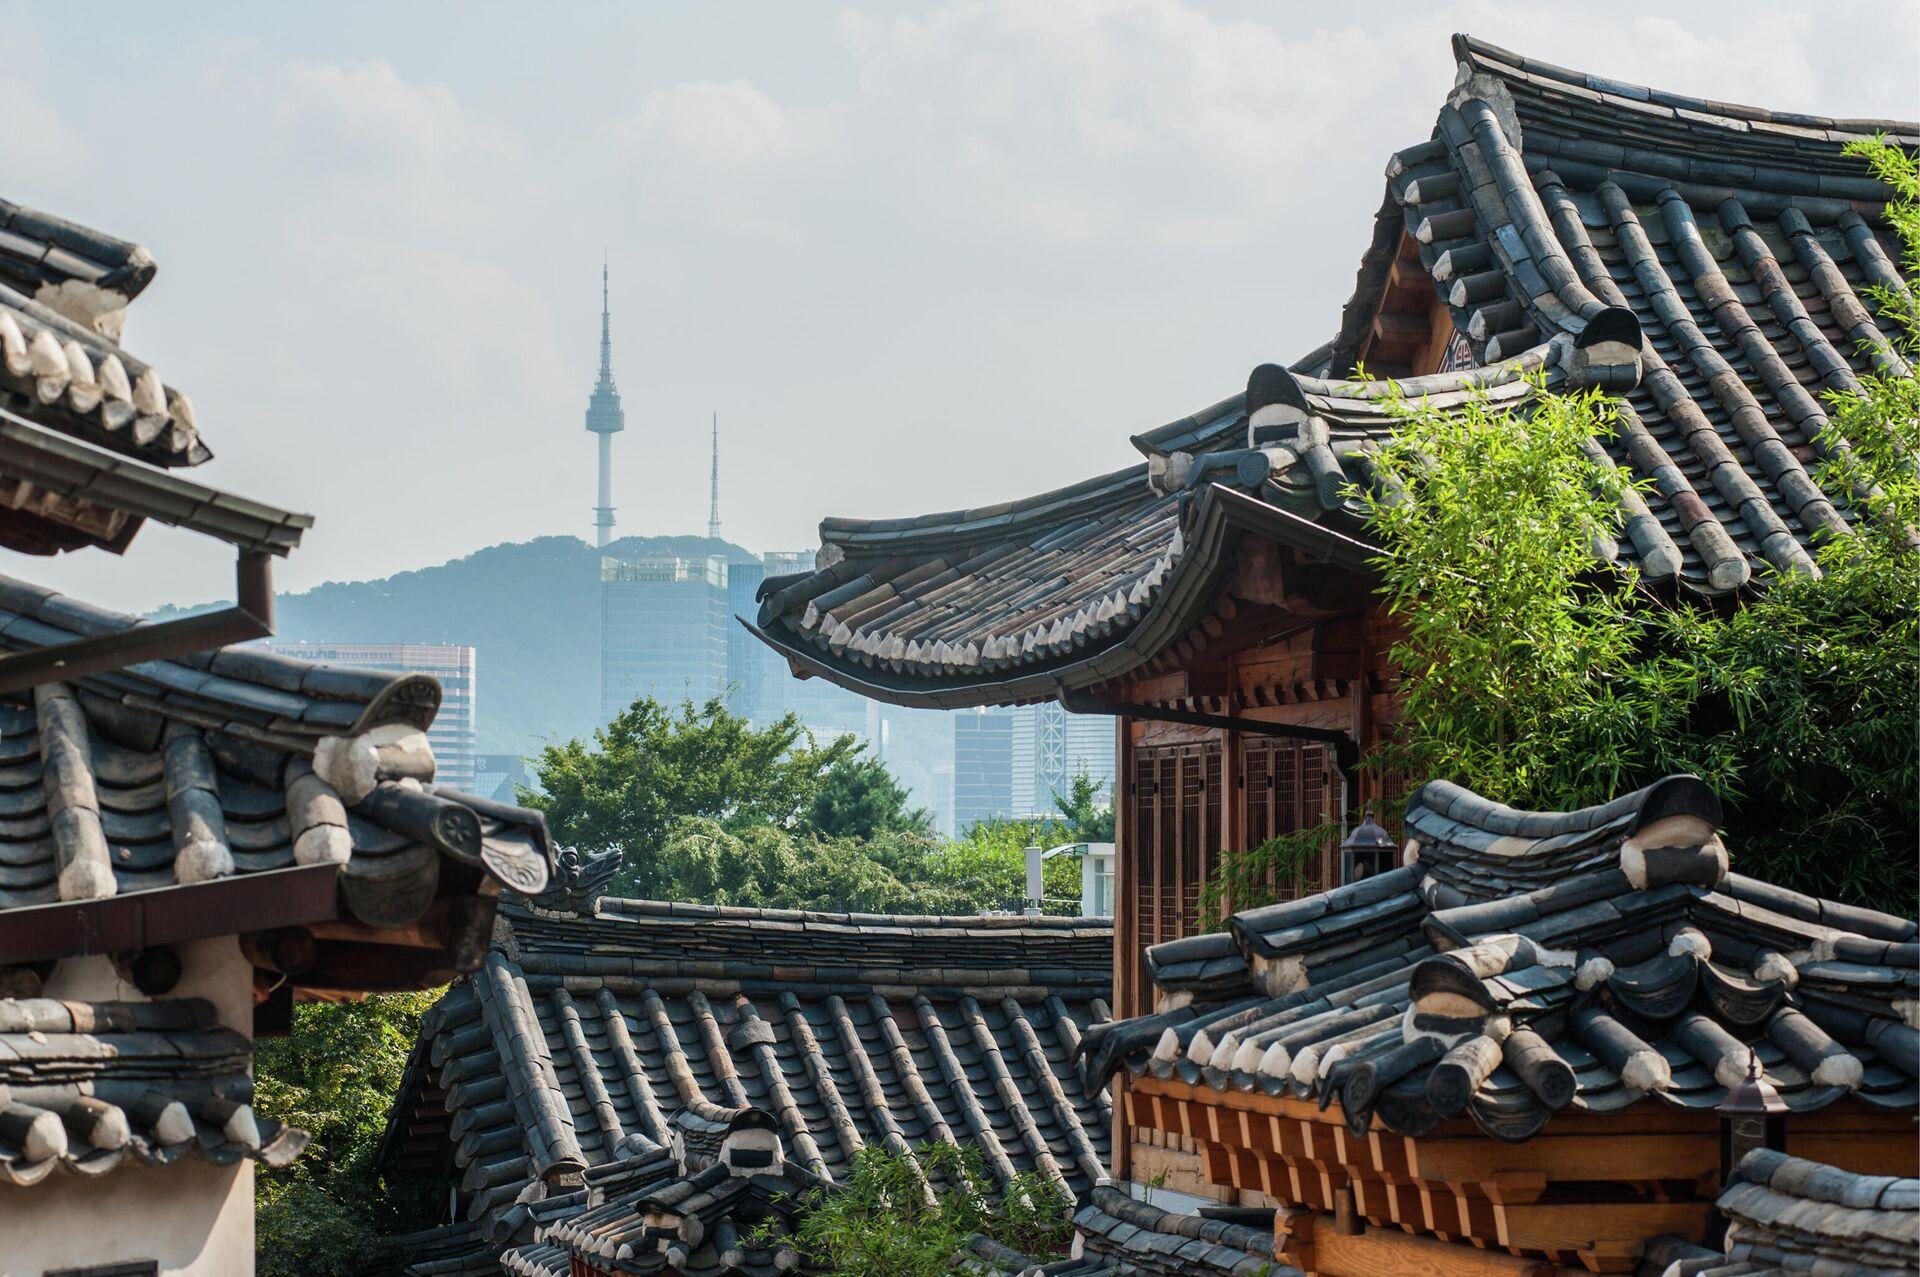 1577941474 0:0:3078:2048 1920x0 80 0 0 ef14d3d13fe06017457597fbfe695824 - Открылся онлайн-фестиваль корейской культуры